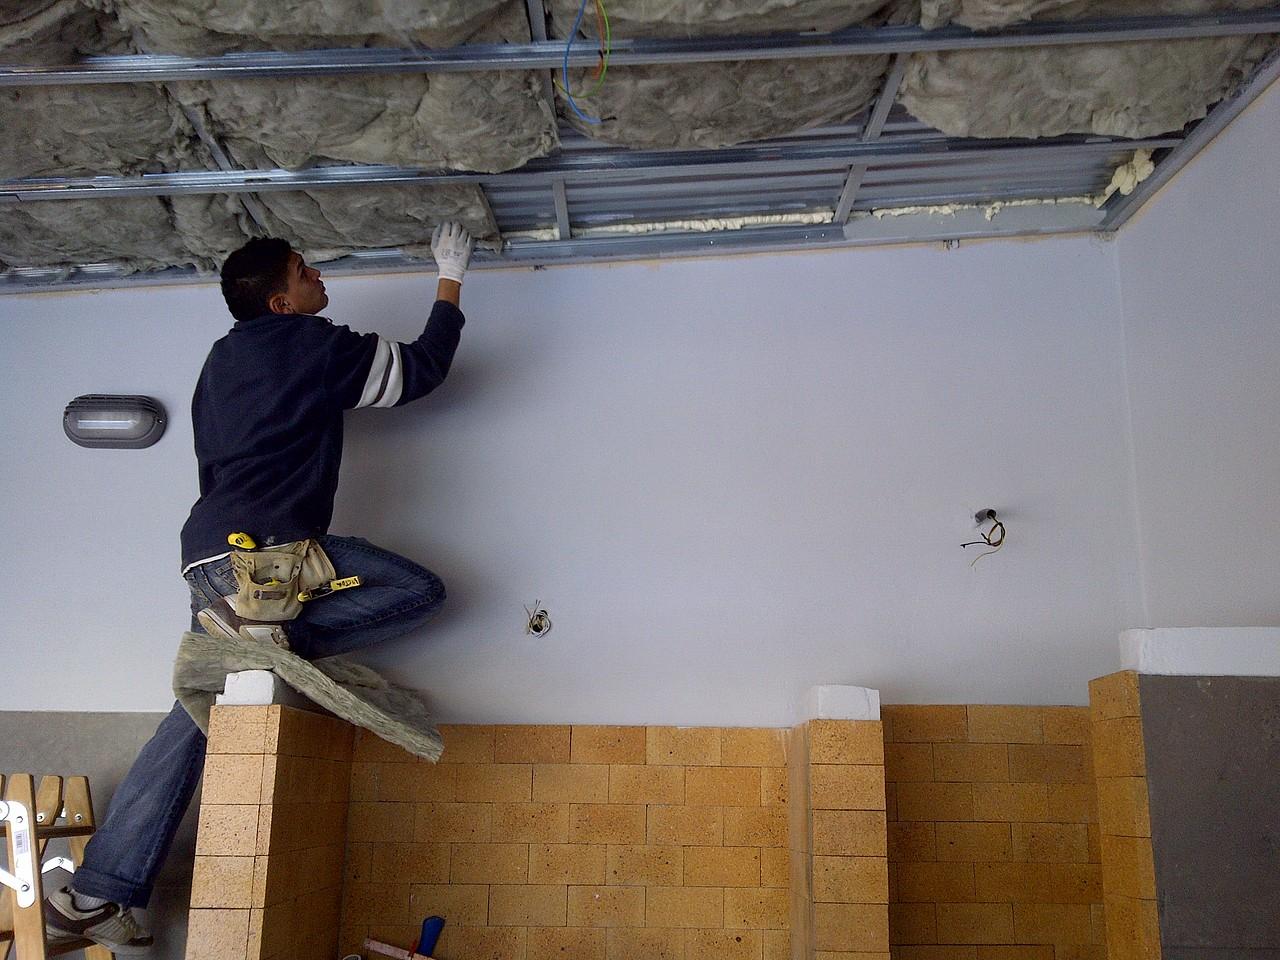 Africa twin club espa a parrilla nueva para un - Aislante para techos ...